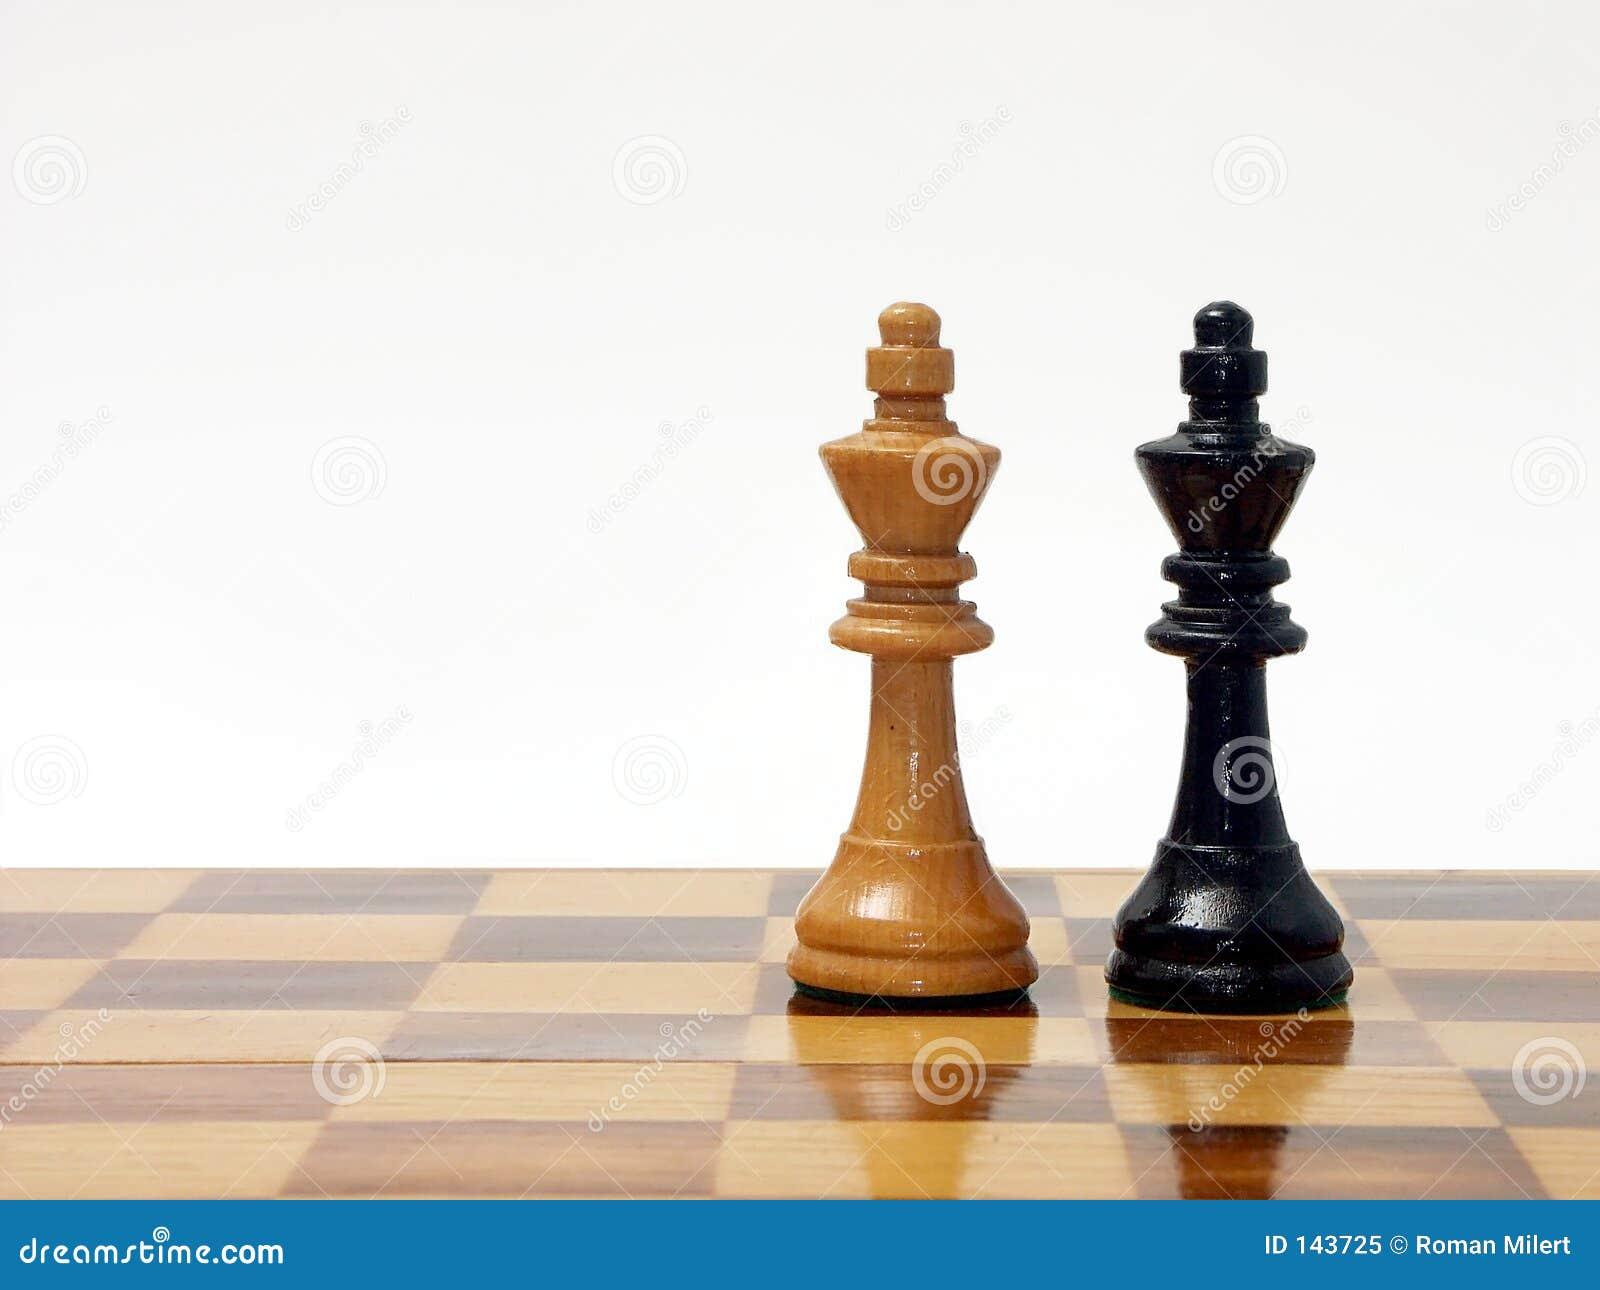 Two Kings